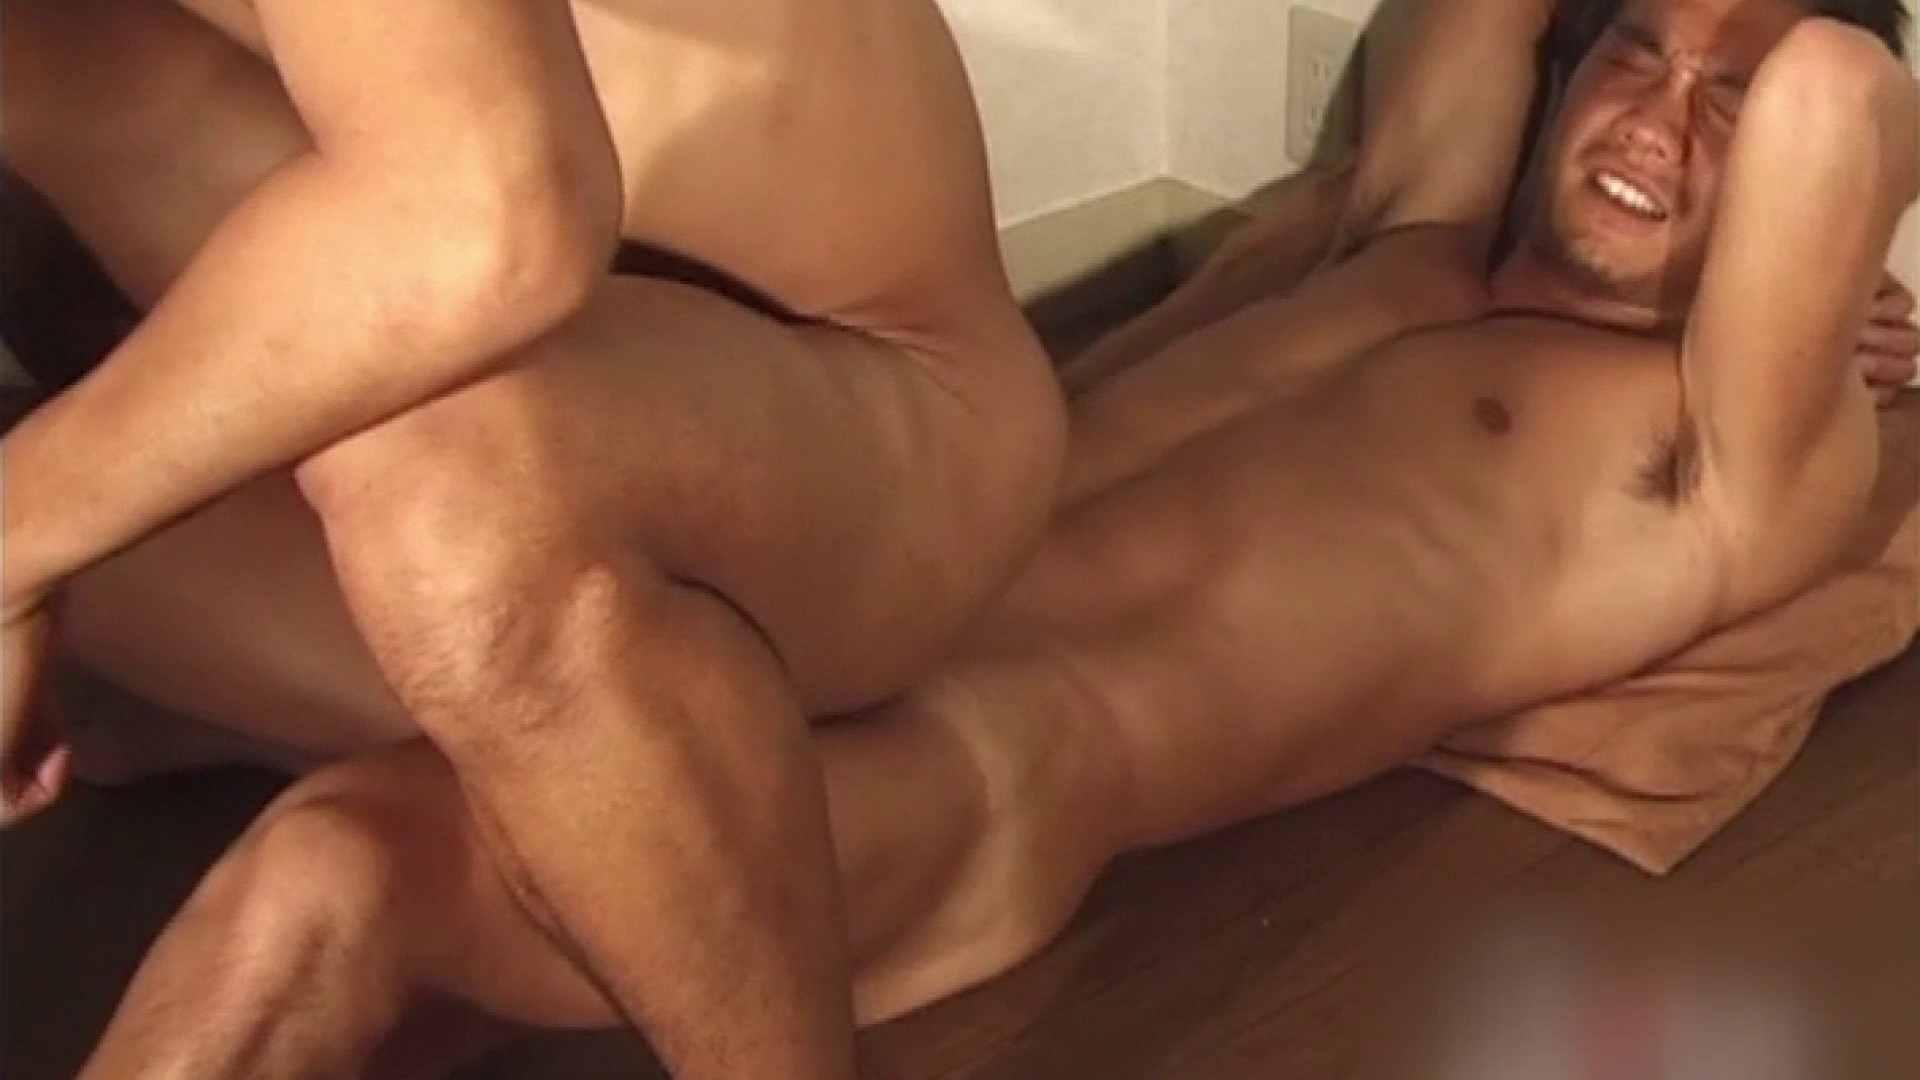 筋肉バカのおてぃんてぃんはほとんどゲイだからぁ…vol.3 ゲイのアナル ゲイヌード画像 70連発 68